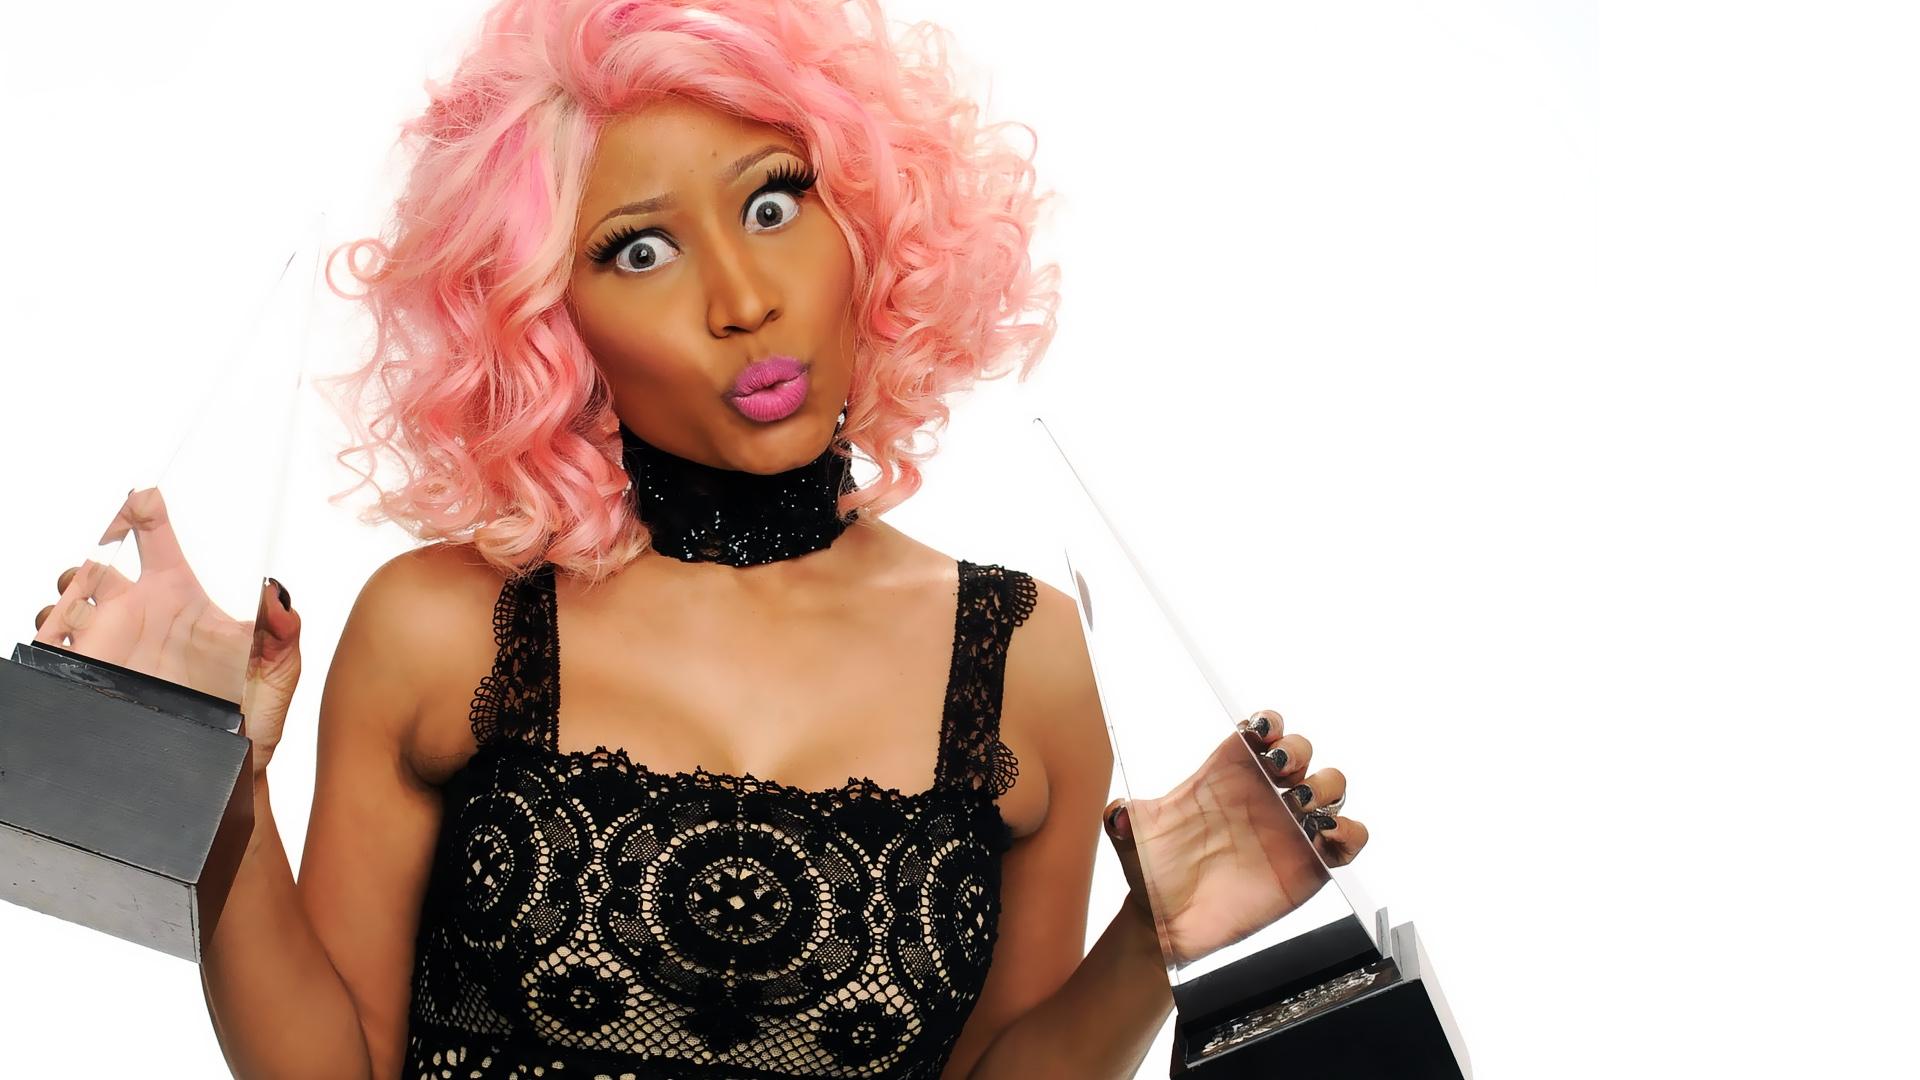 Lebenslauf Nicki Minaj wurde am 8 Dezember 1982 als Onika Tanya Maraj in Saint James einem Stadtteil von Port of Spain im karibischen Inselstaat Trinidad und